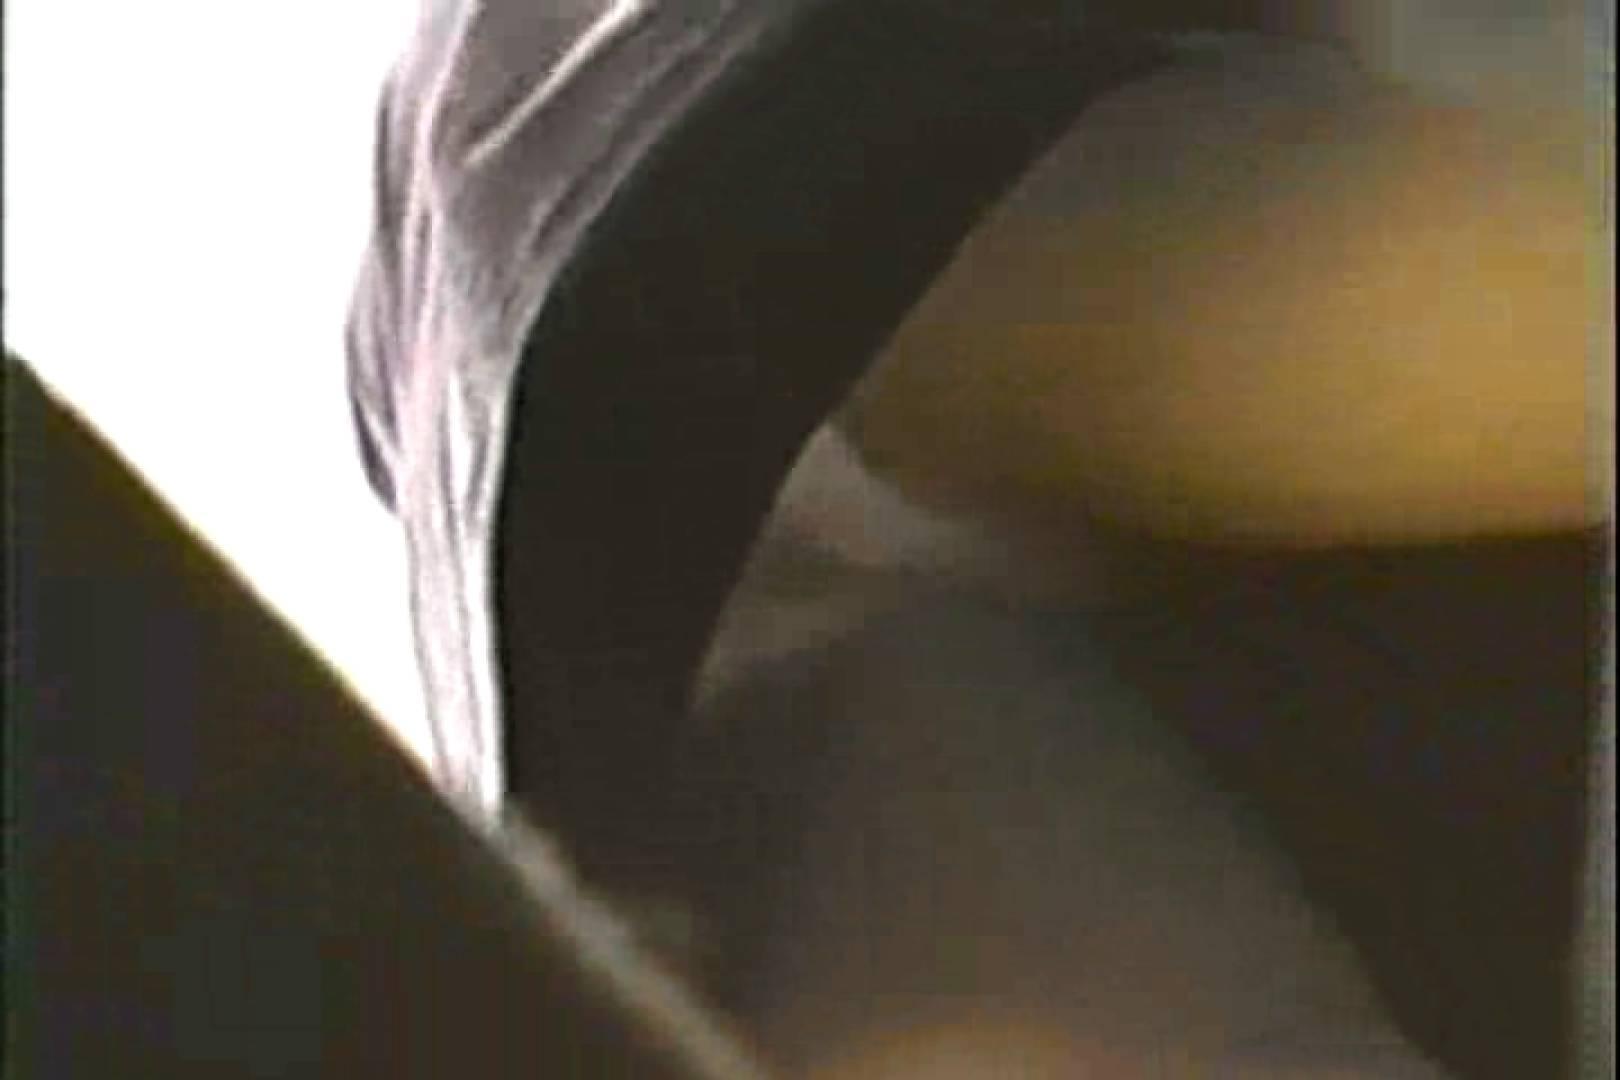 「ちくりん」さんのオリジナル未編集パンチラVol.3_01 チラ歓迎 エロ無料画像 101pic 33